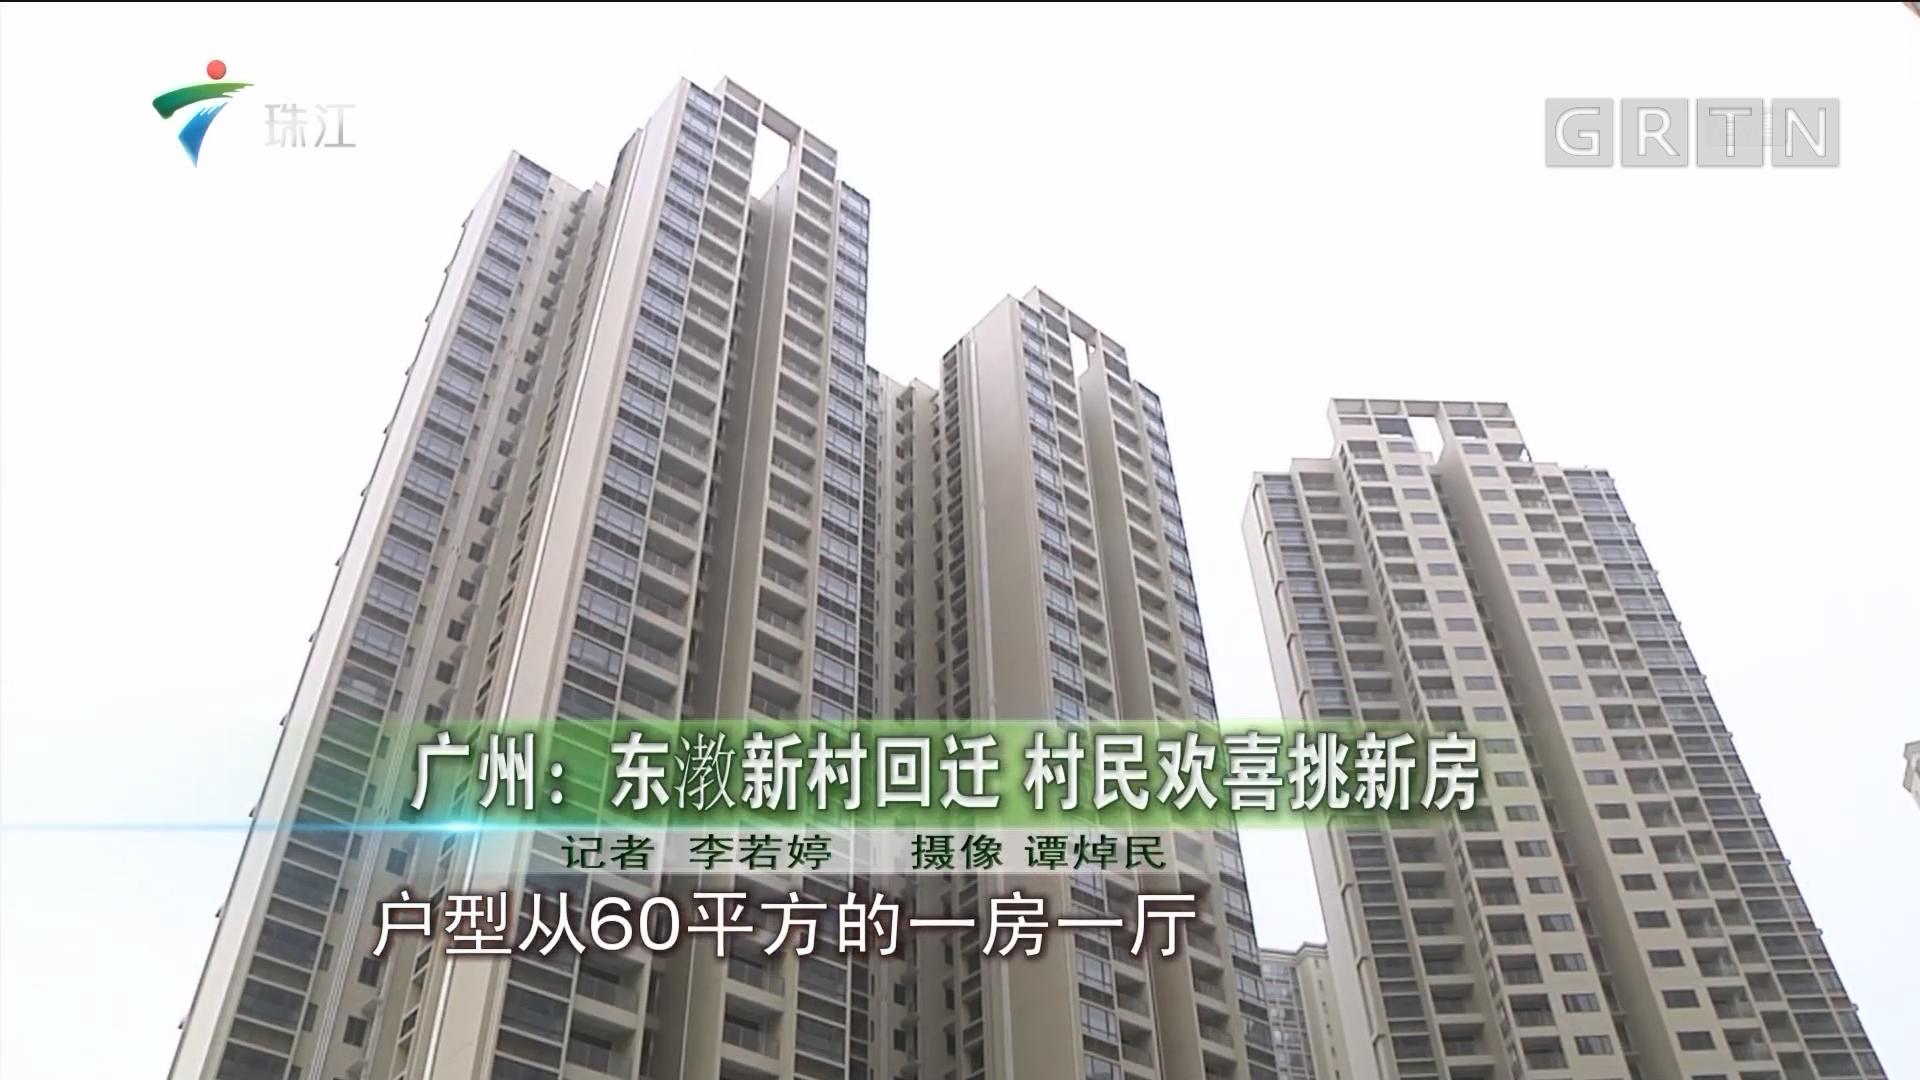 广州:东漖新村回迁 村民欢喜挑新房